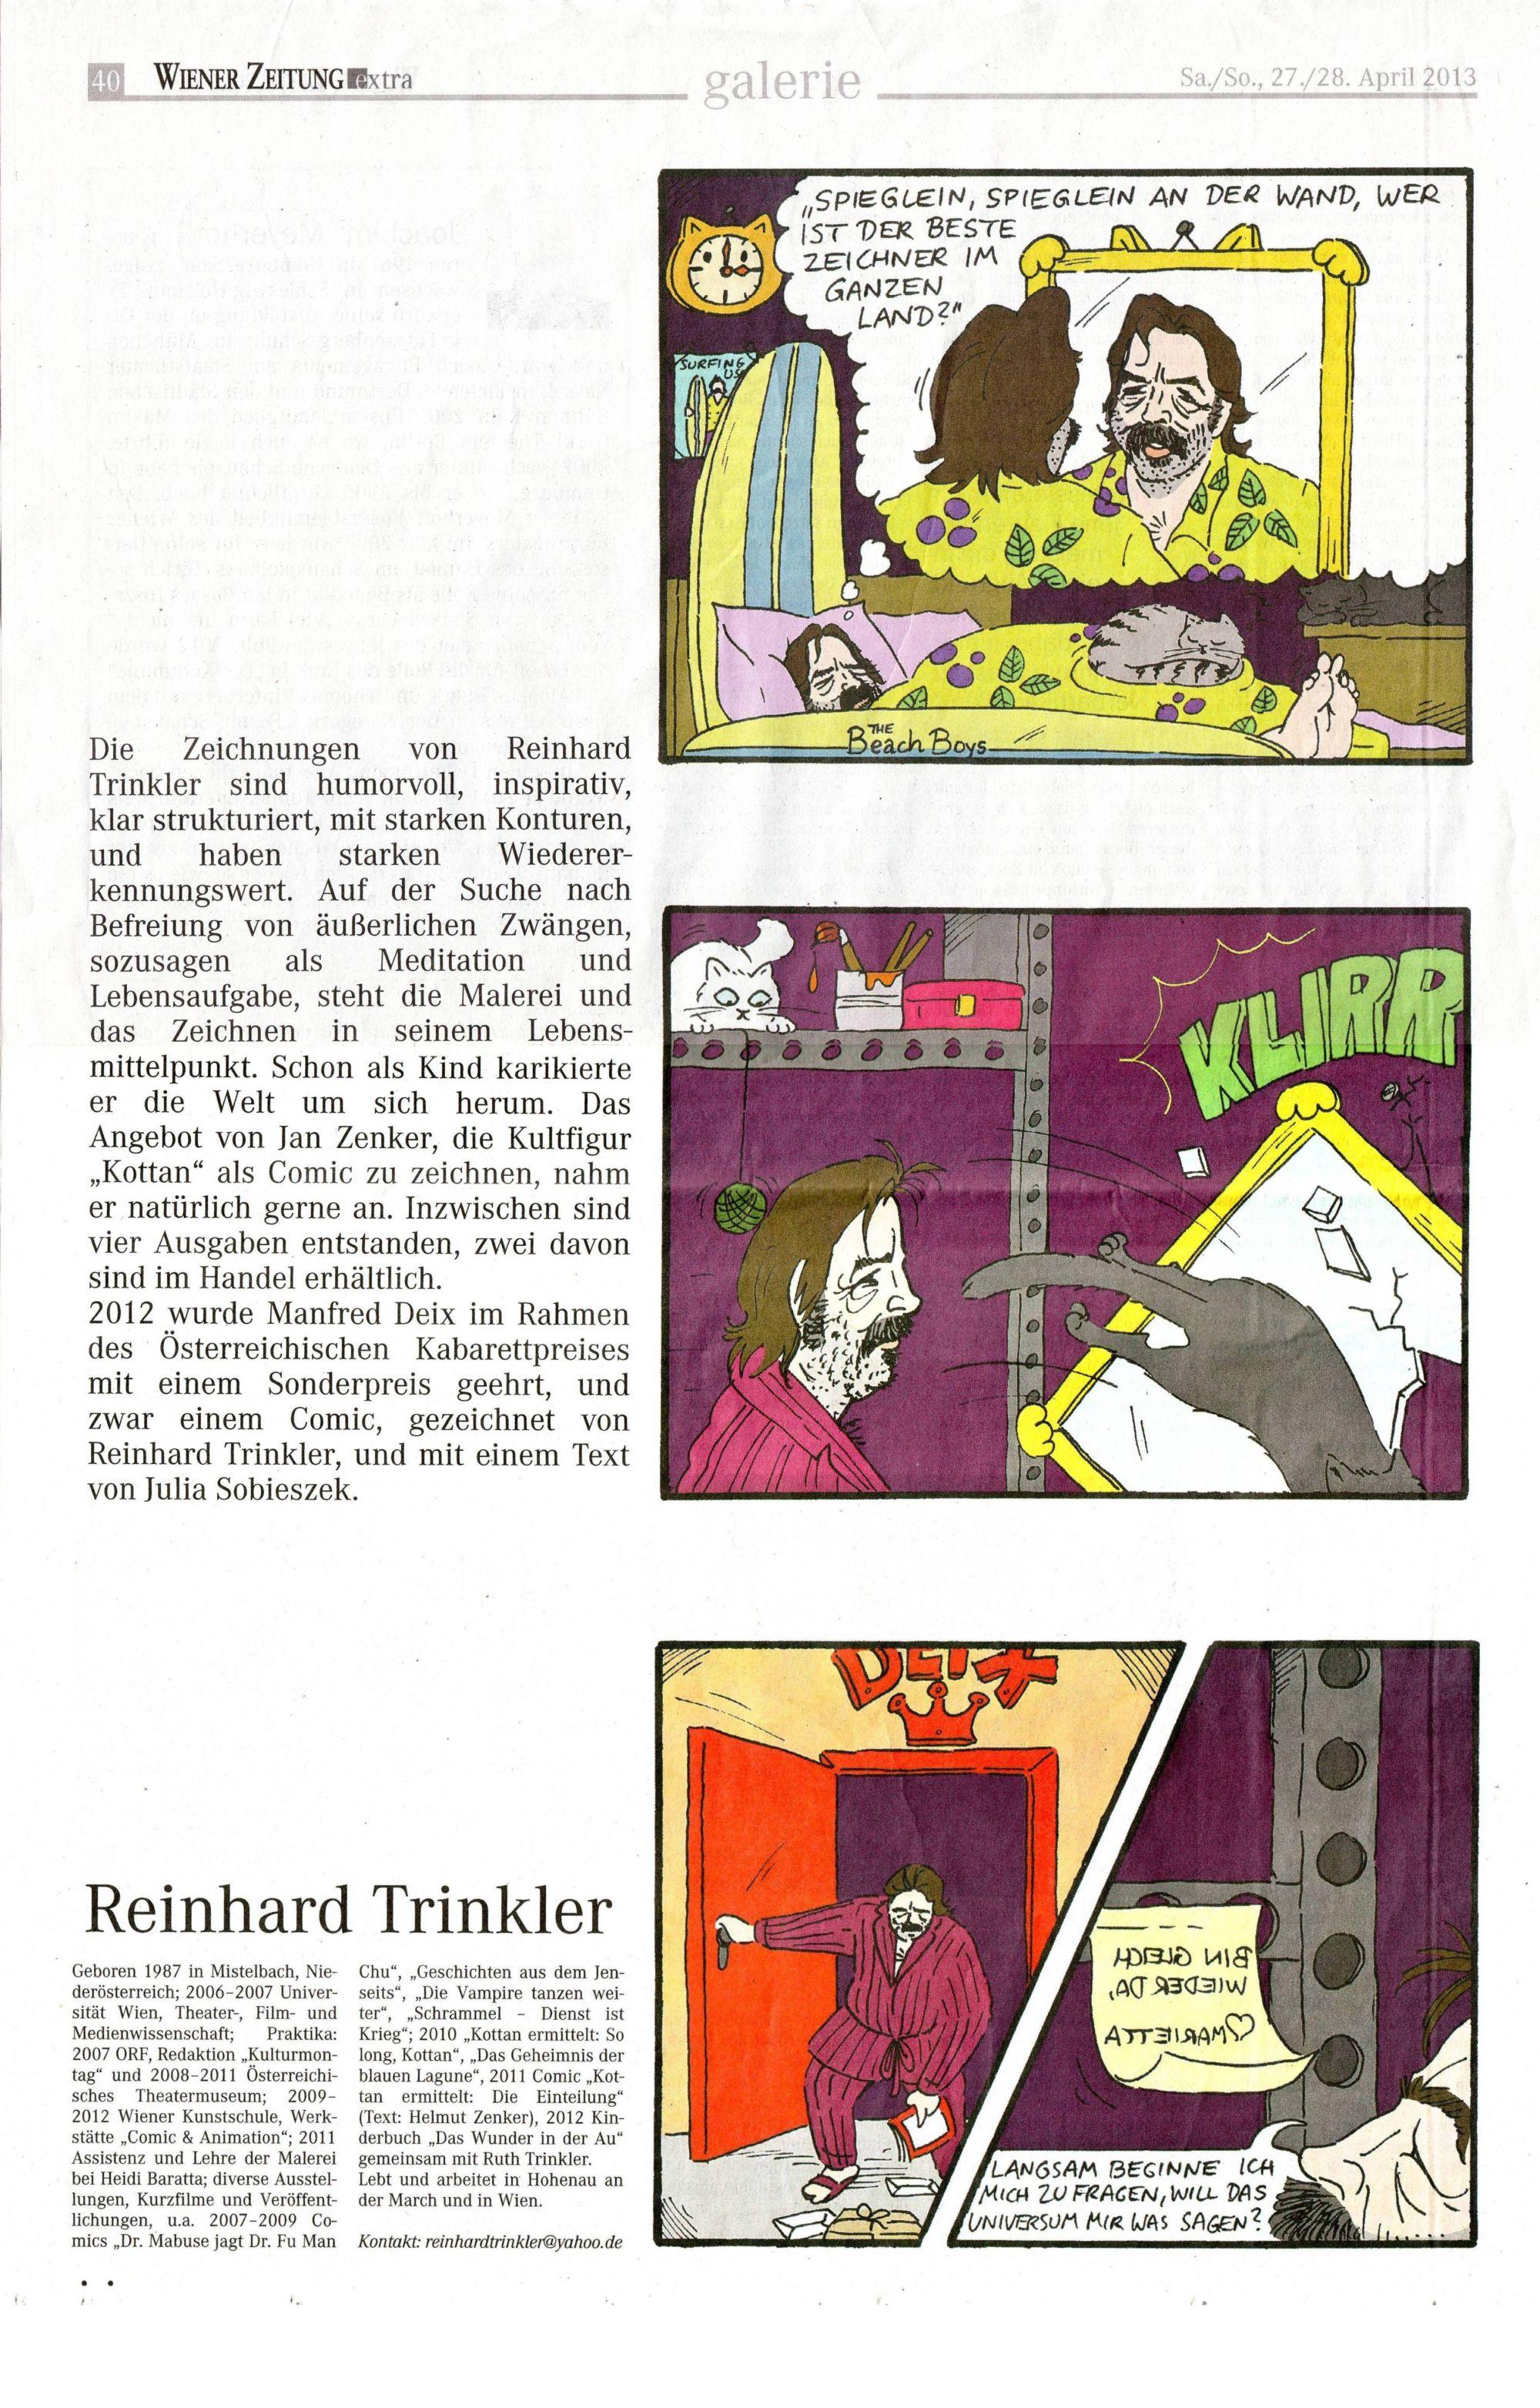 Reinhard Trinkler - Wiener Zeitung